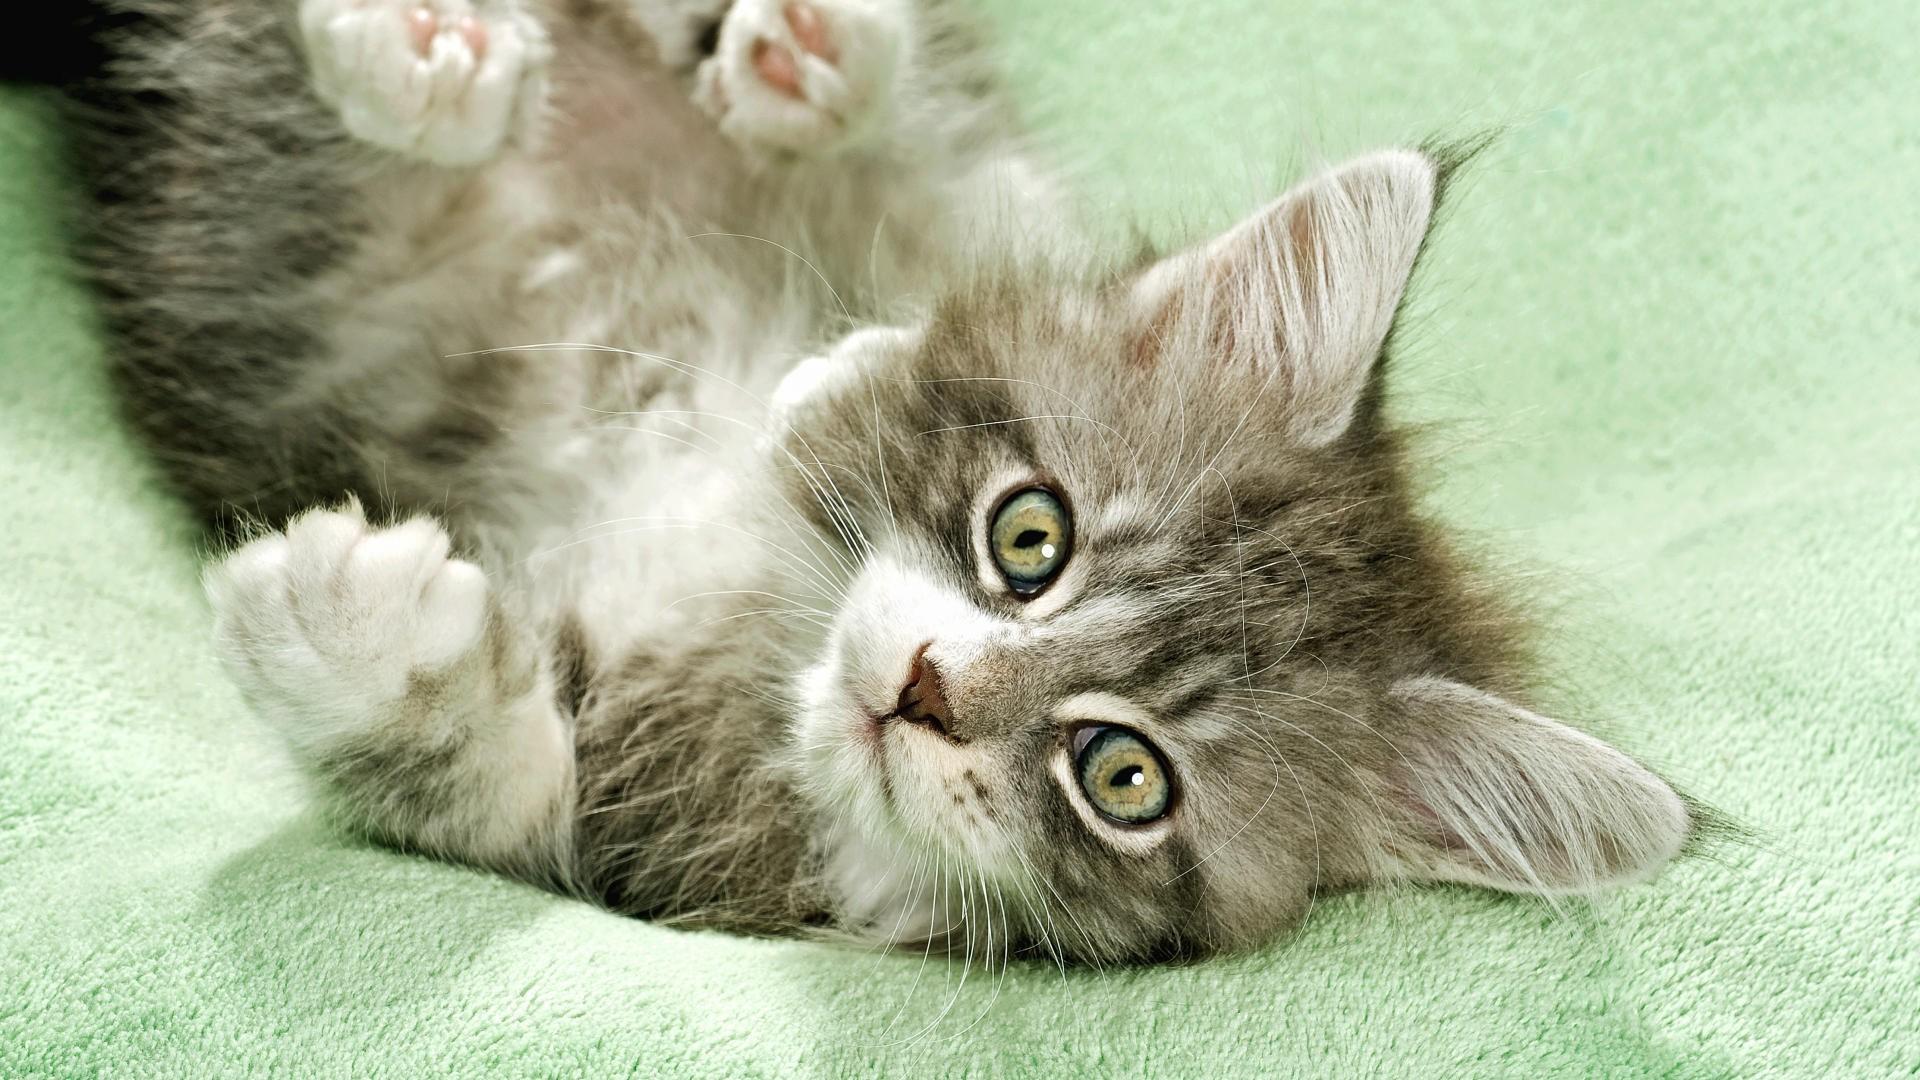 Картинки с кошками котами, для вырезания